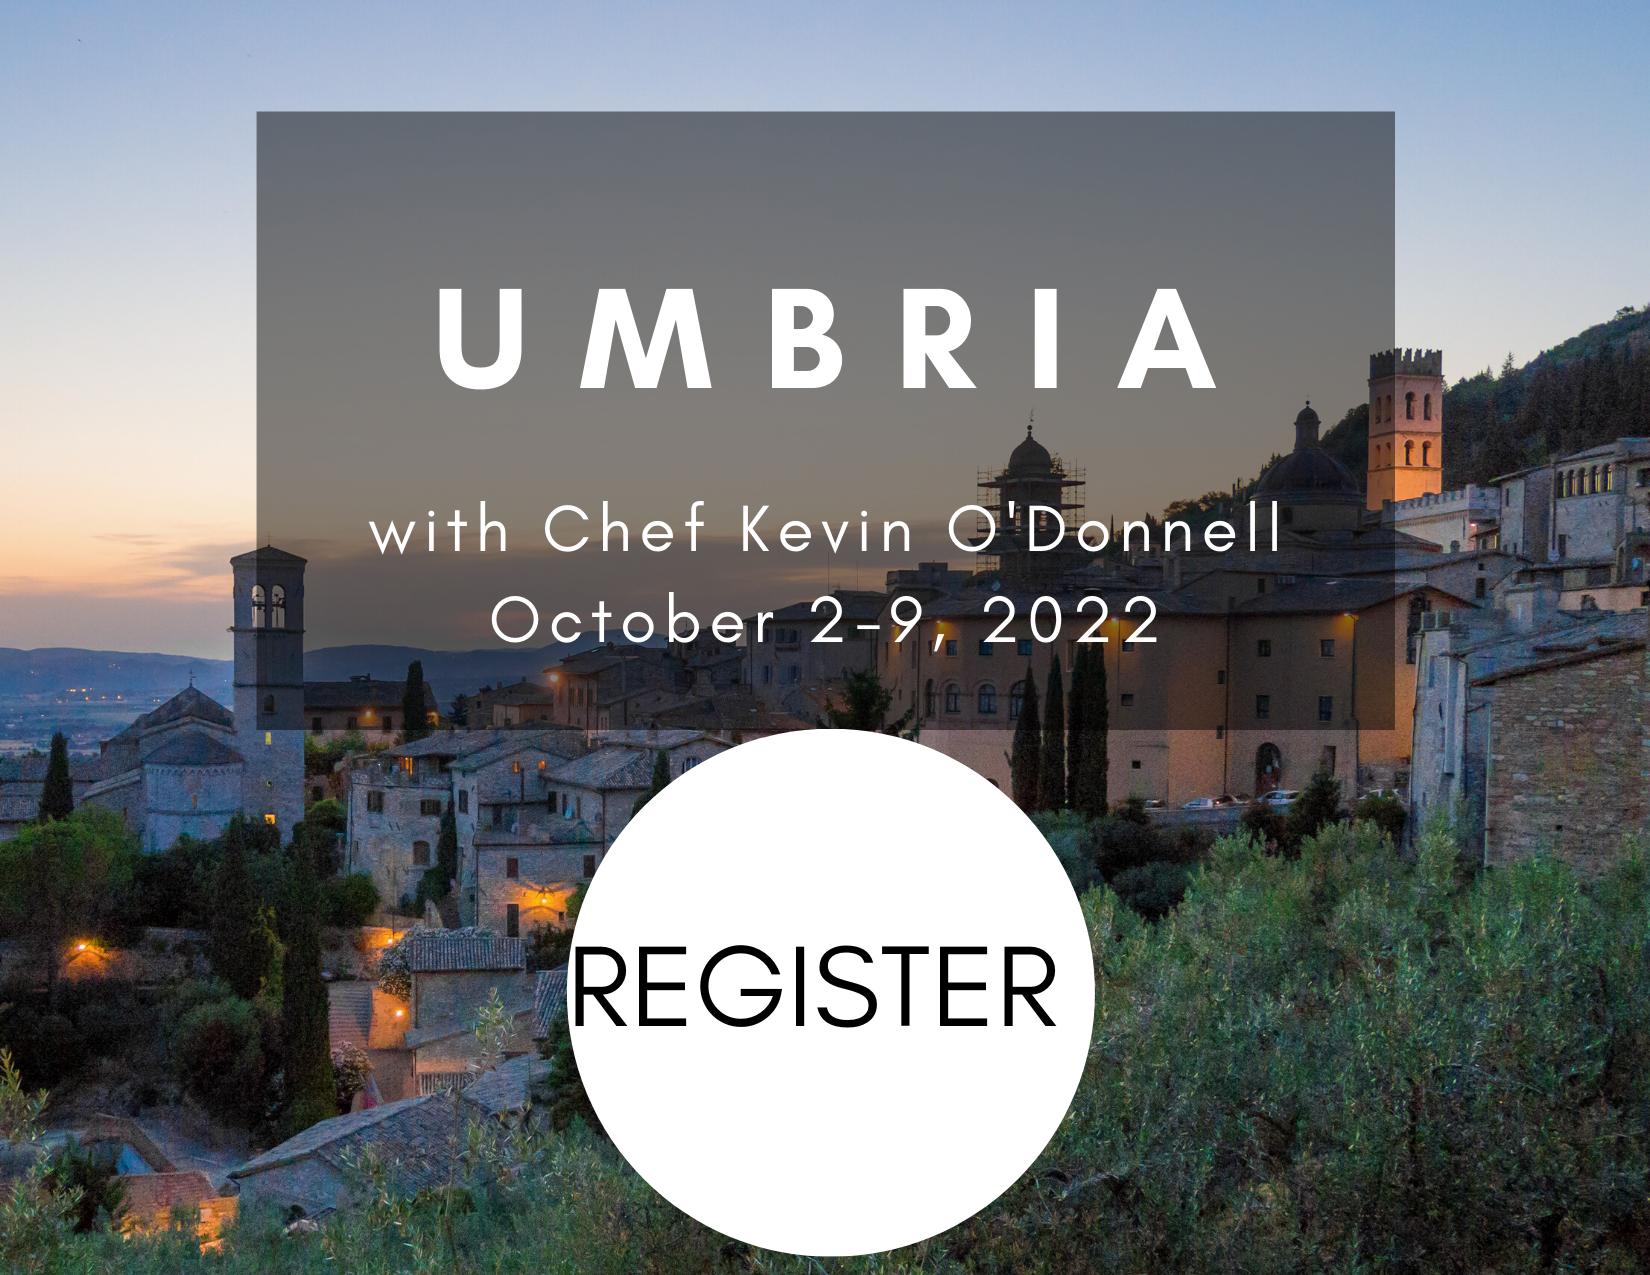 Umbria Culinary Tour October 2-9, 2022